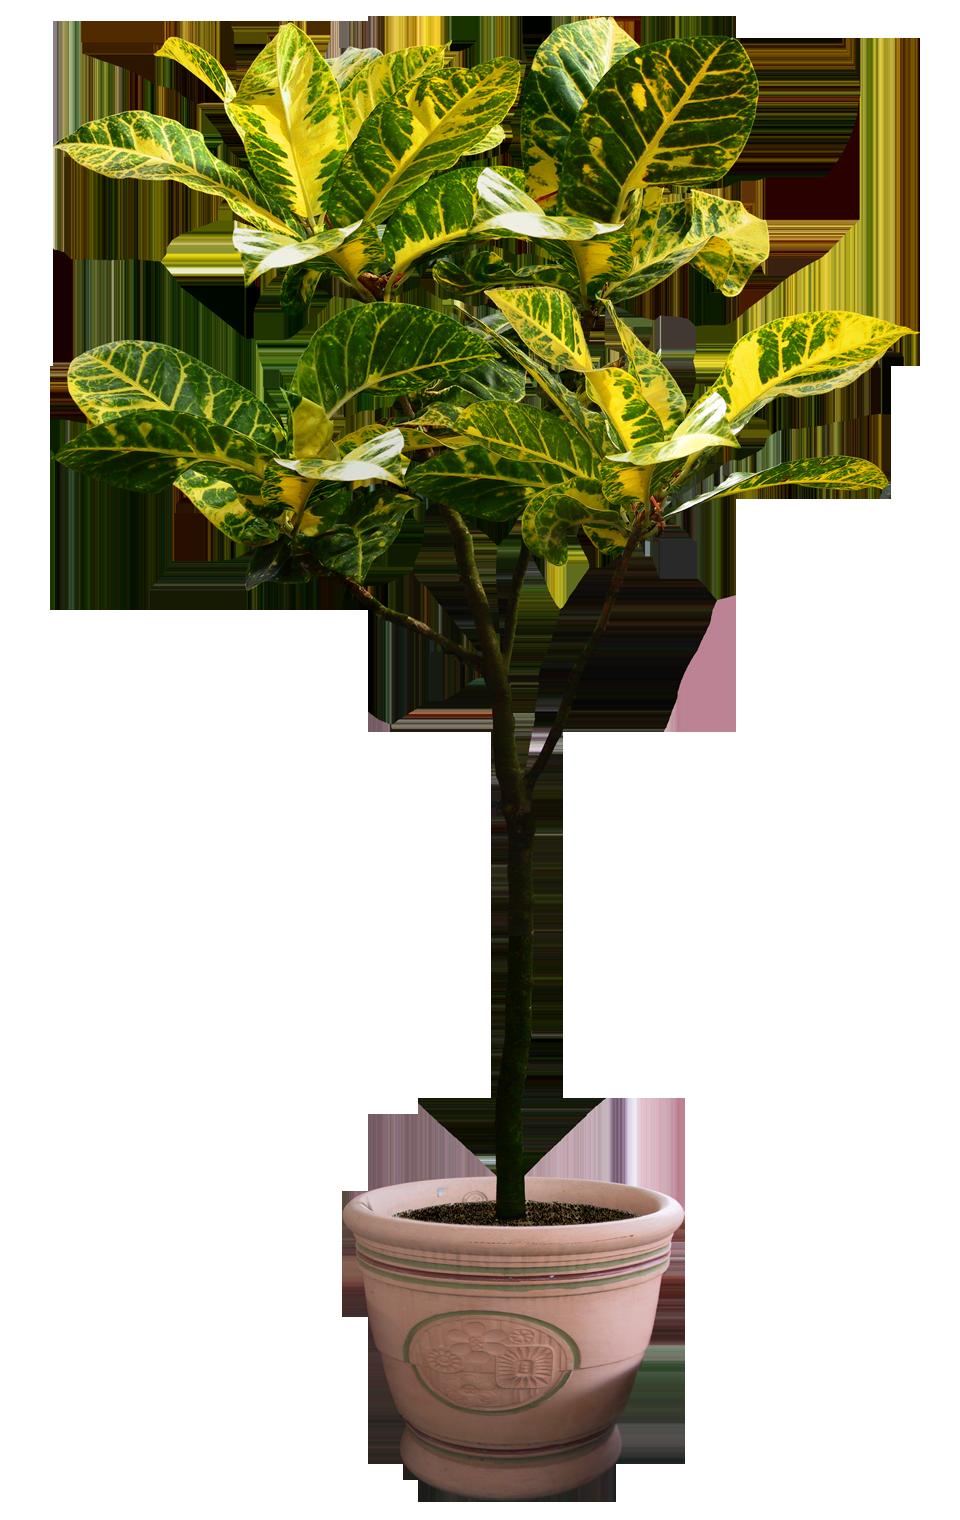 Psd Png Cutout Tanaman Tanaman Pot Kebun